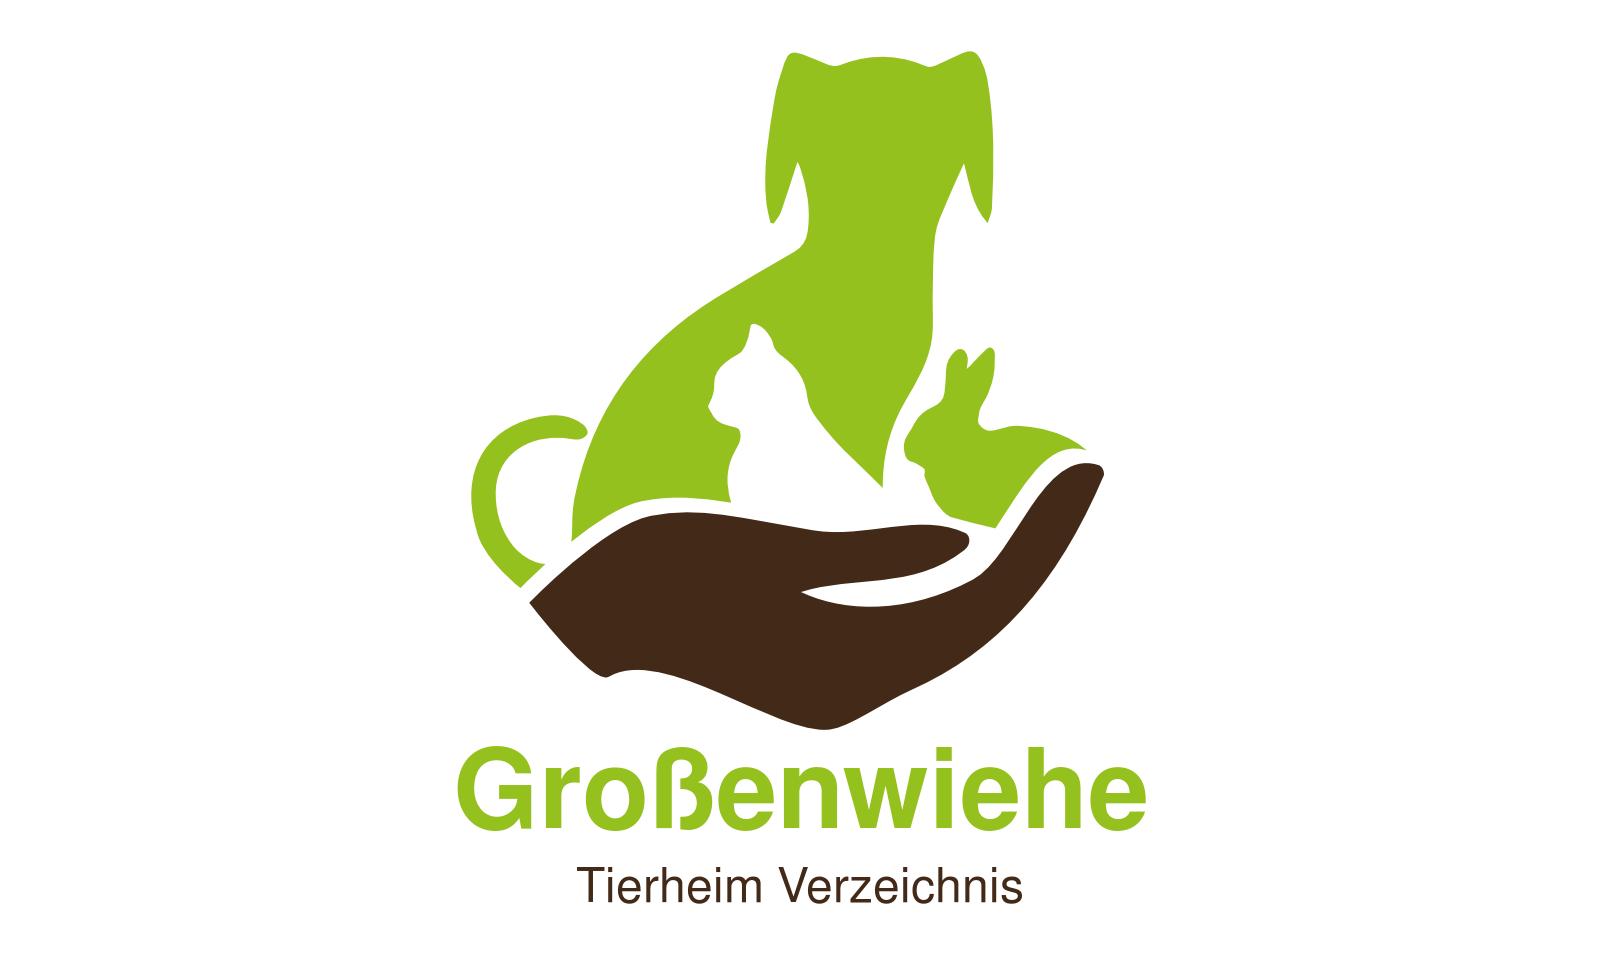 Tierheim Großenwiehe